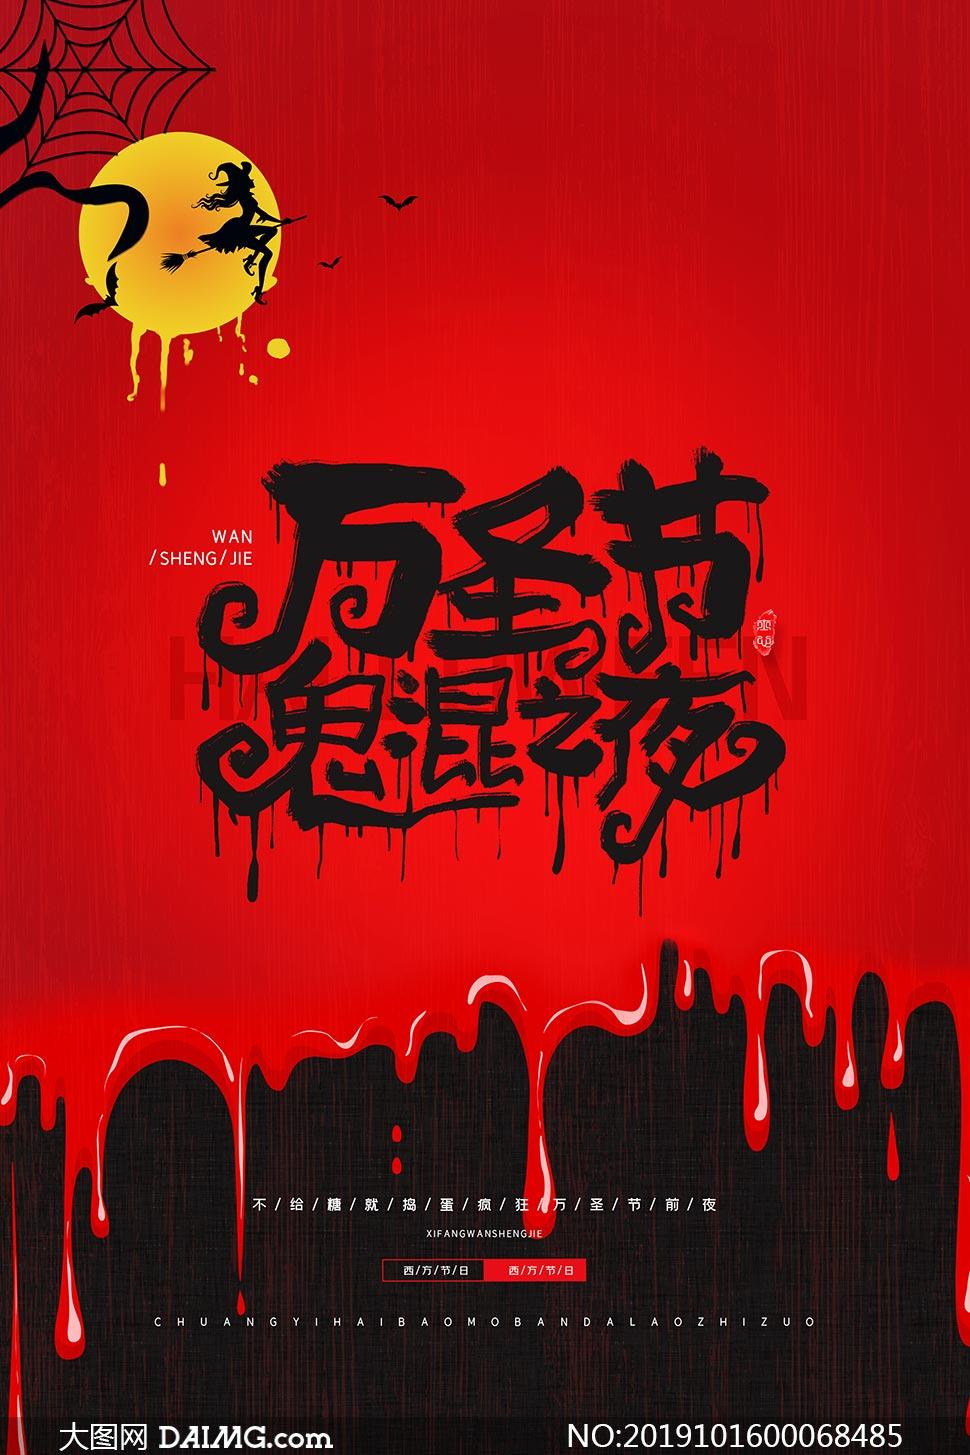 万圣节鬼混之夜宣传海报设计PSD素材